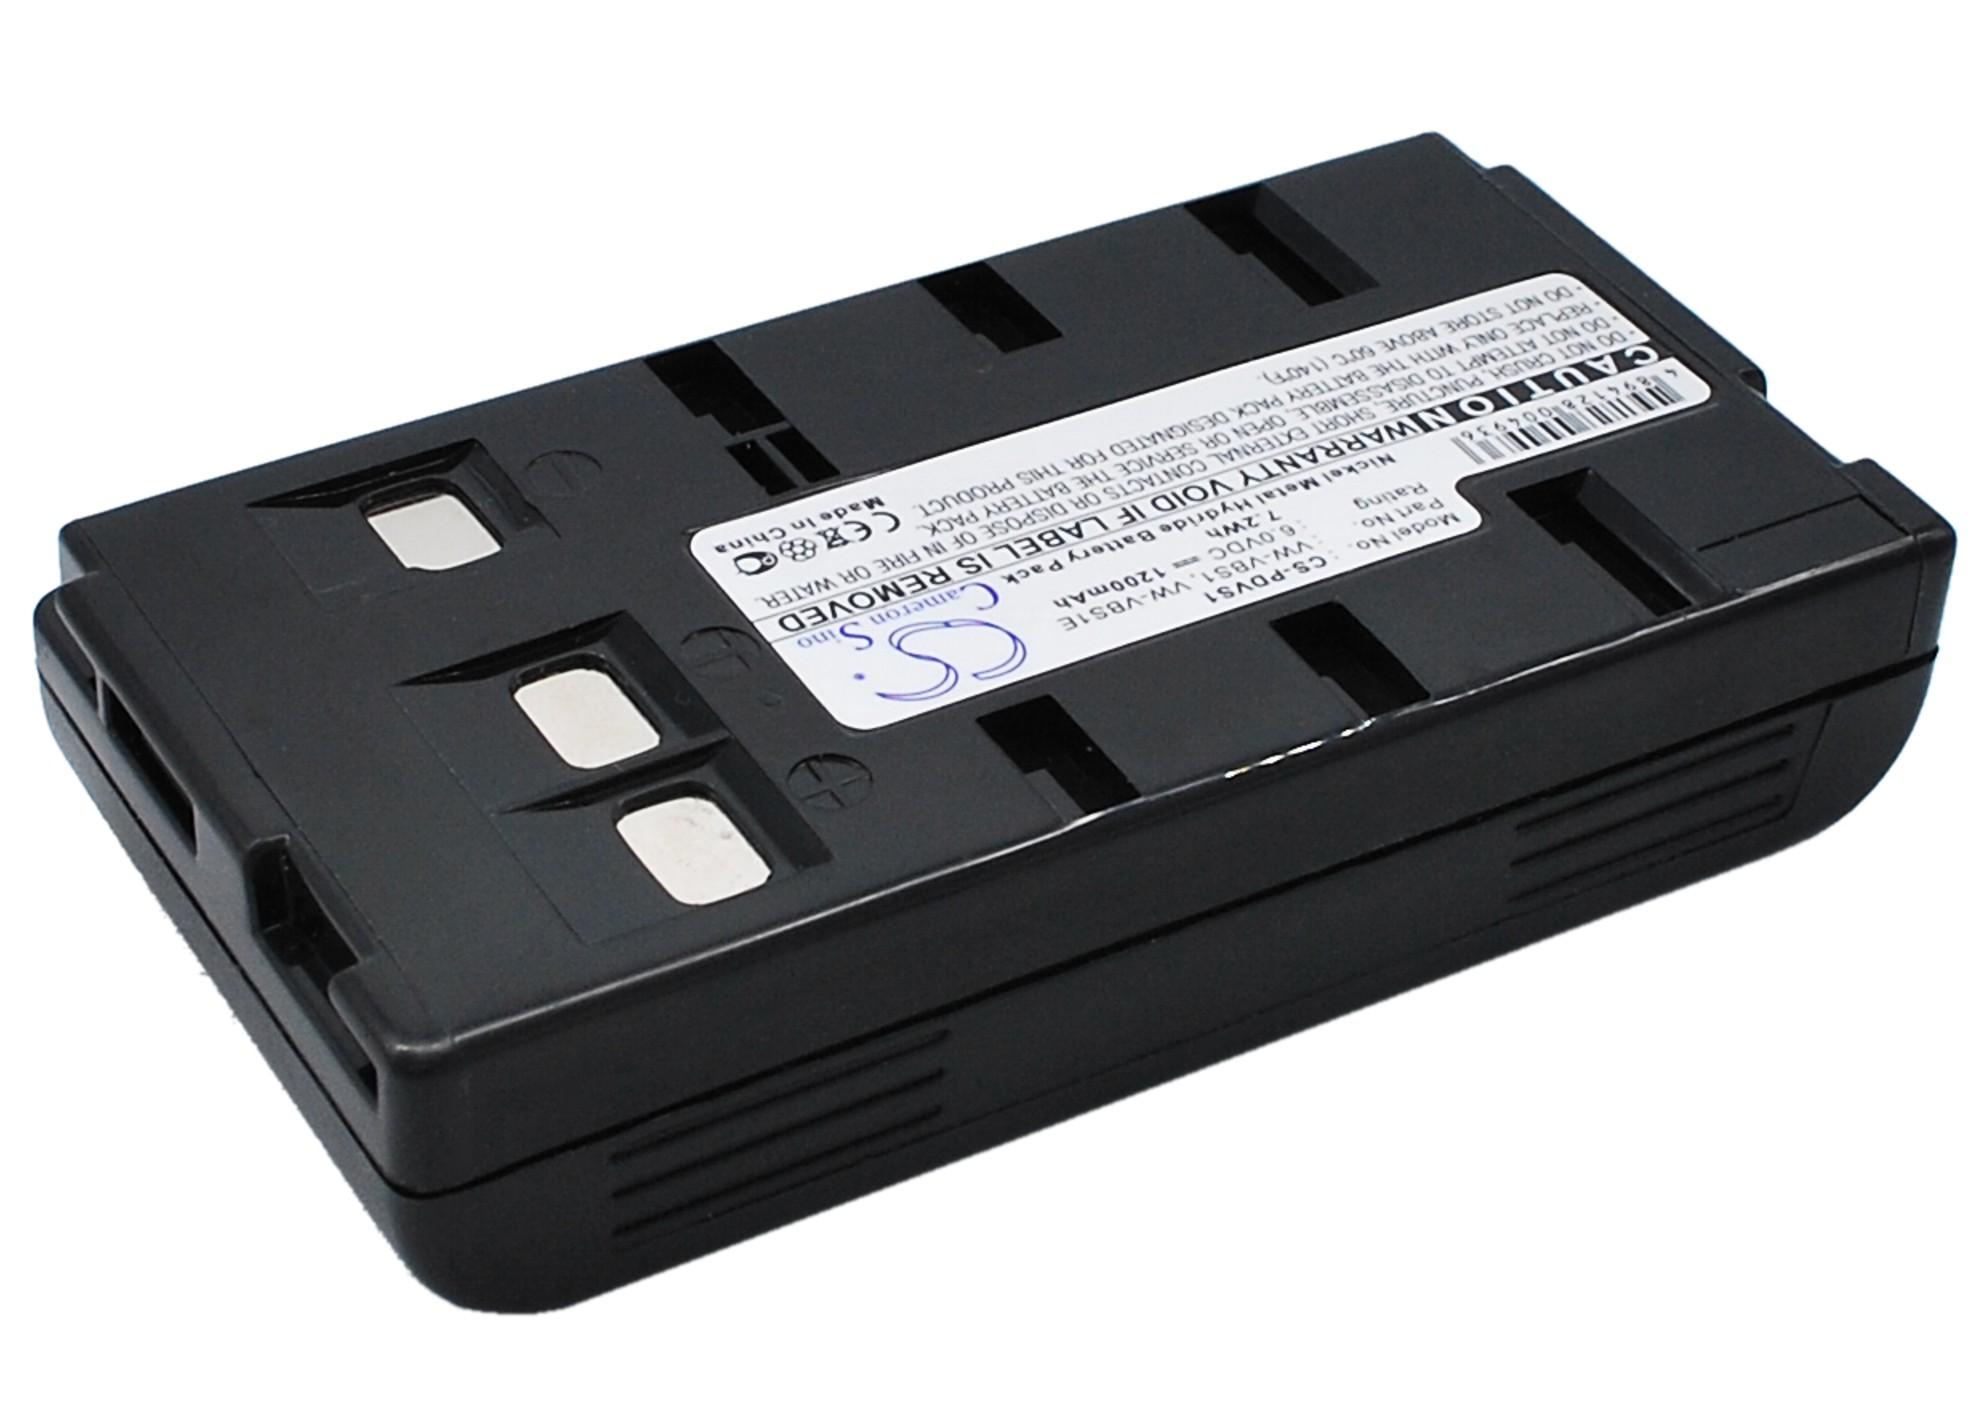 Cameron Sino baterie do kamer a fotoaparátů pro PANASONIC NV-G3 6V Ni-MH 1200mAh tmavě šedá - neoriginální